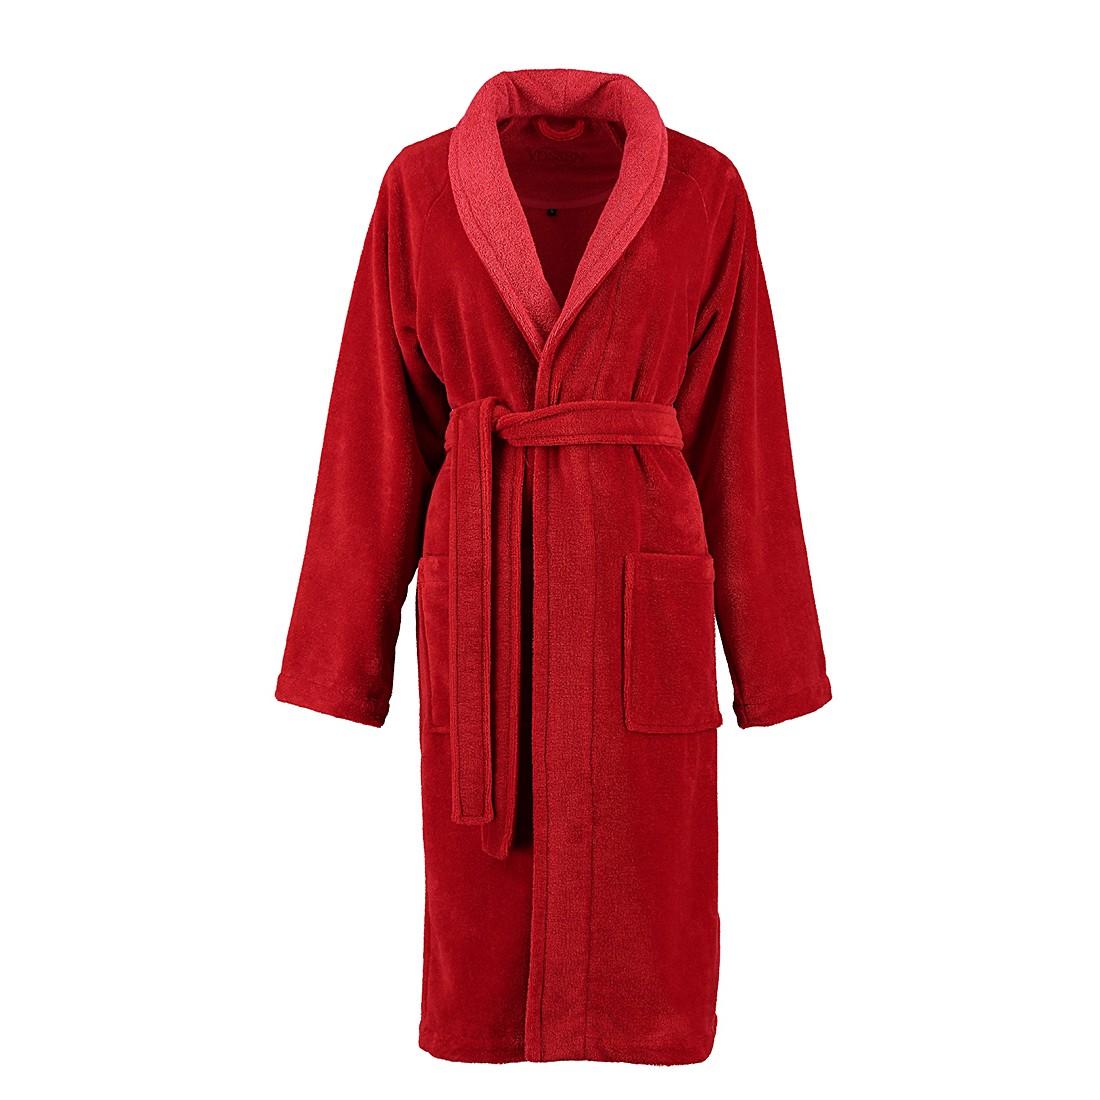 Bademäntel Damen Polly – Polyester/Viskose/Baumwolle – Purpur – XL, Vossen bestellen